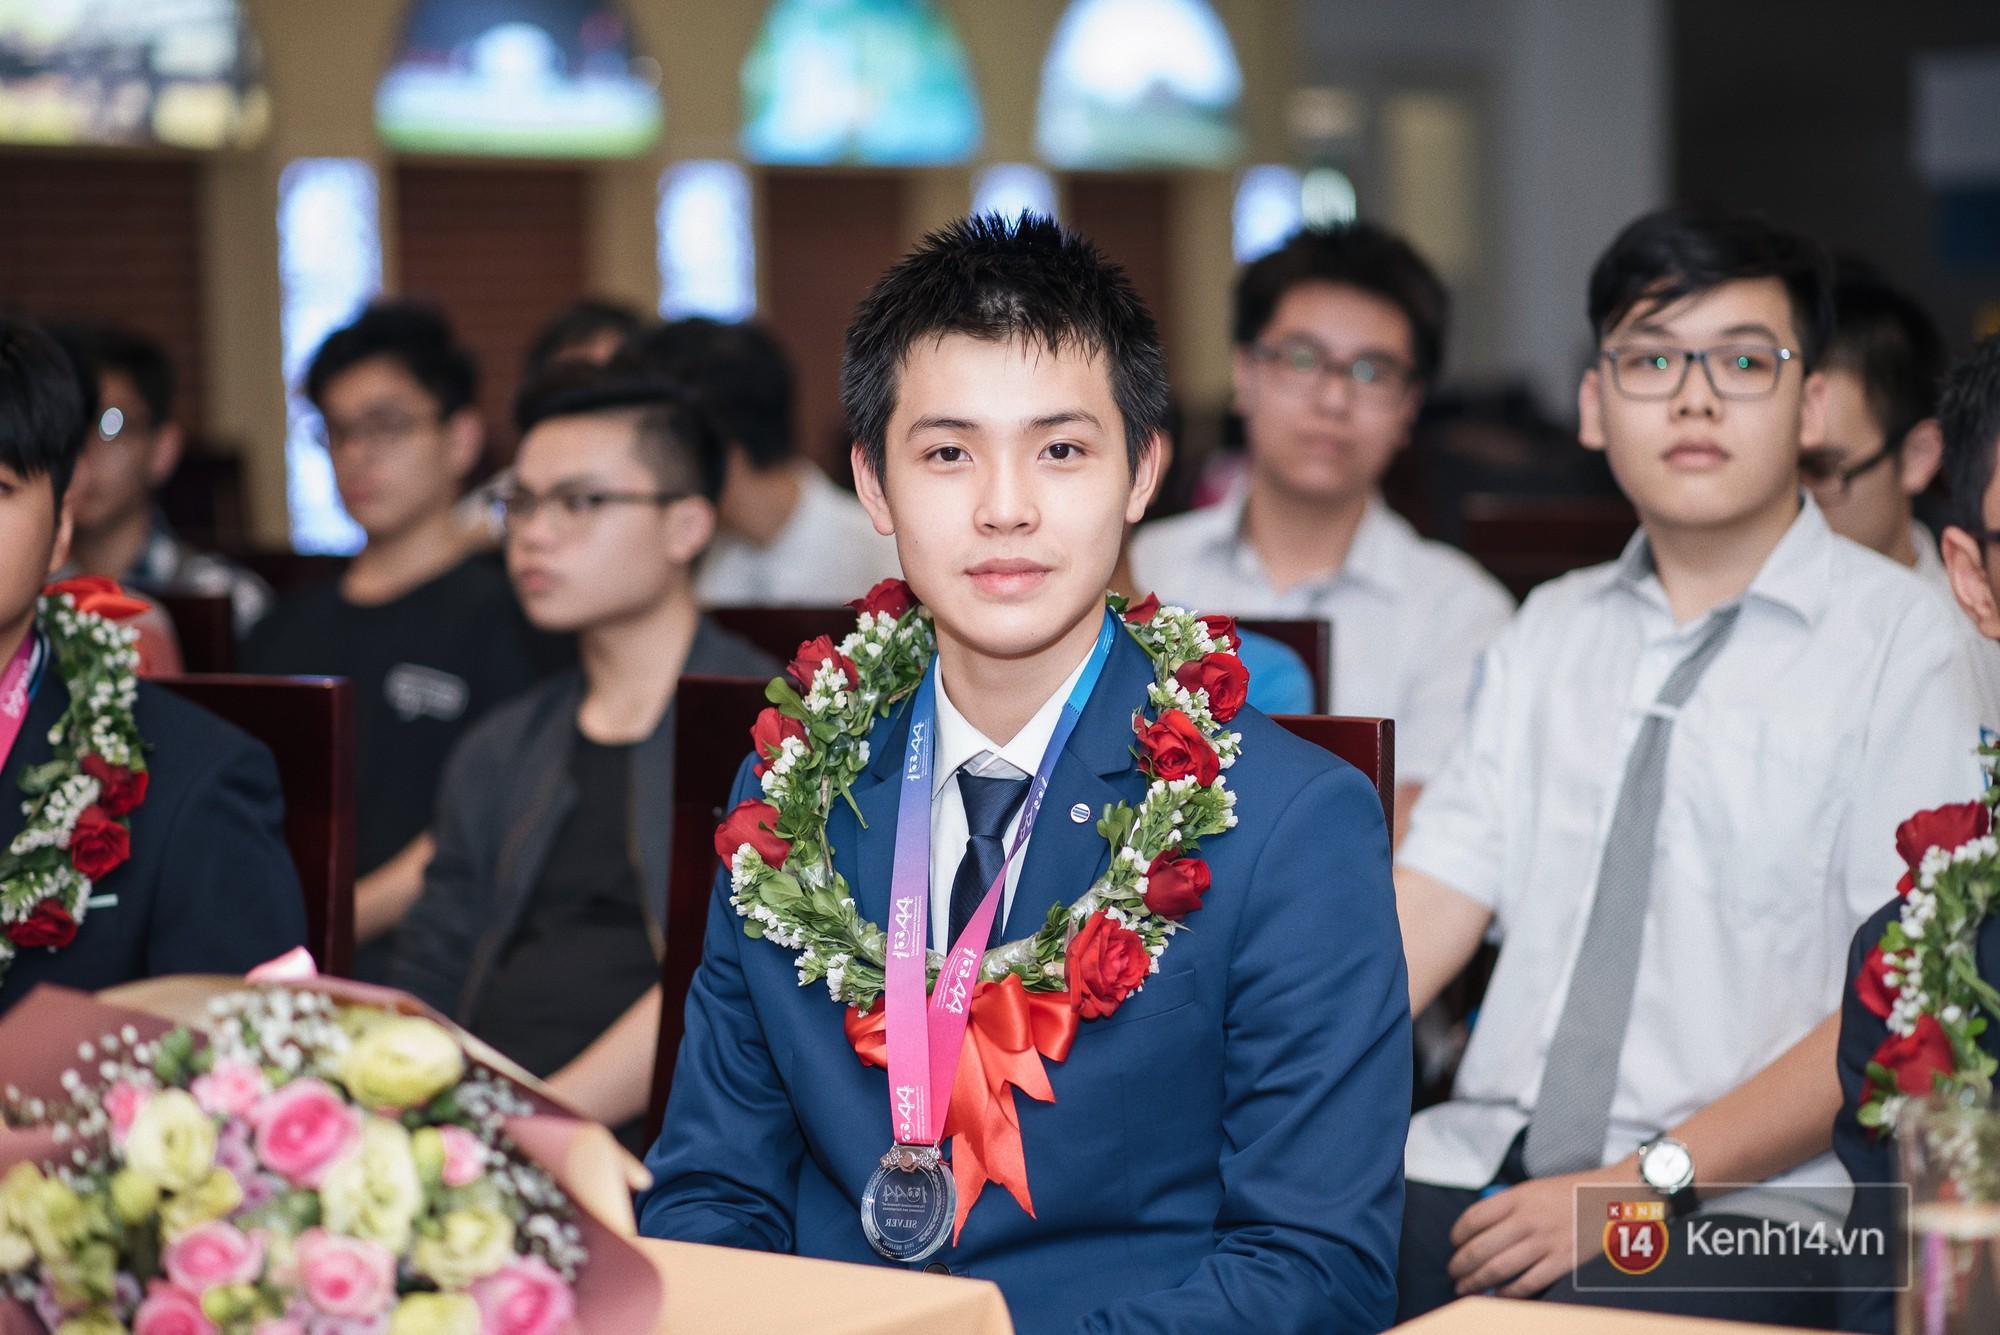 Nam sinh 2002 đẹp trai như nam thần, giành HCB Olympic Thiên văn học Quốc tế: Mê chơi LOL, đang tập gym để có 6 múi - Ảnh 3.